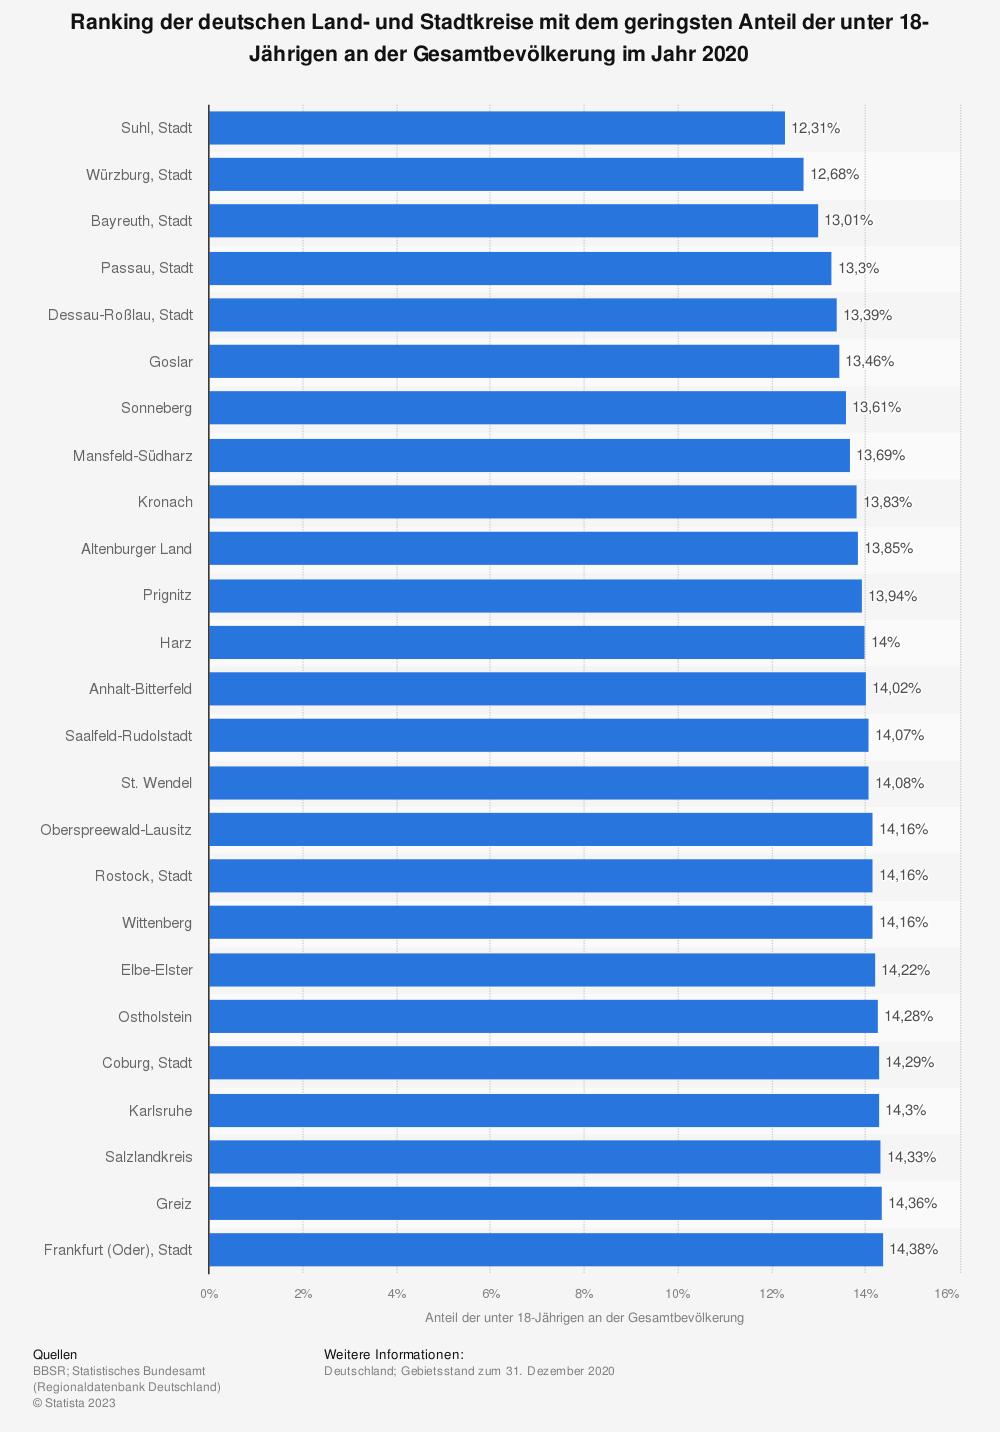 Statistik: Ranking der deutschen Land- und Stadtkreise mit dem geringsten Anteil der unter 18-Jährigen an der Gesamtbevölkerung im Jahr 2019 | Statista